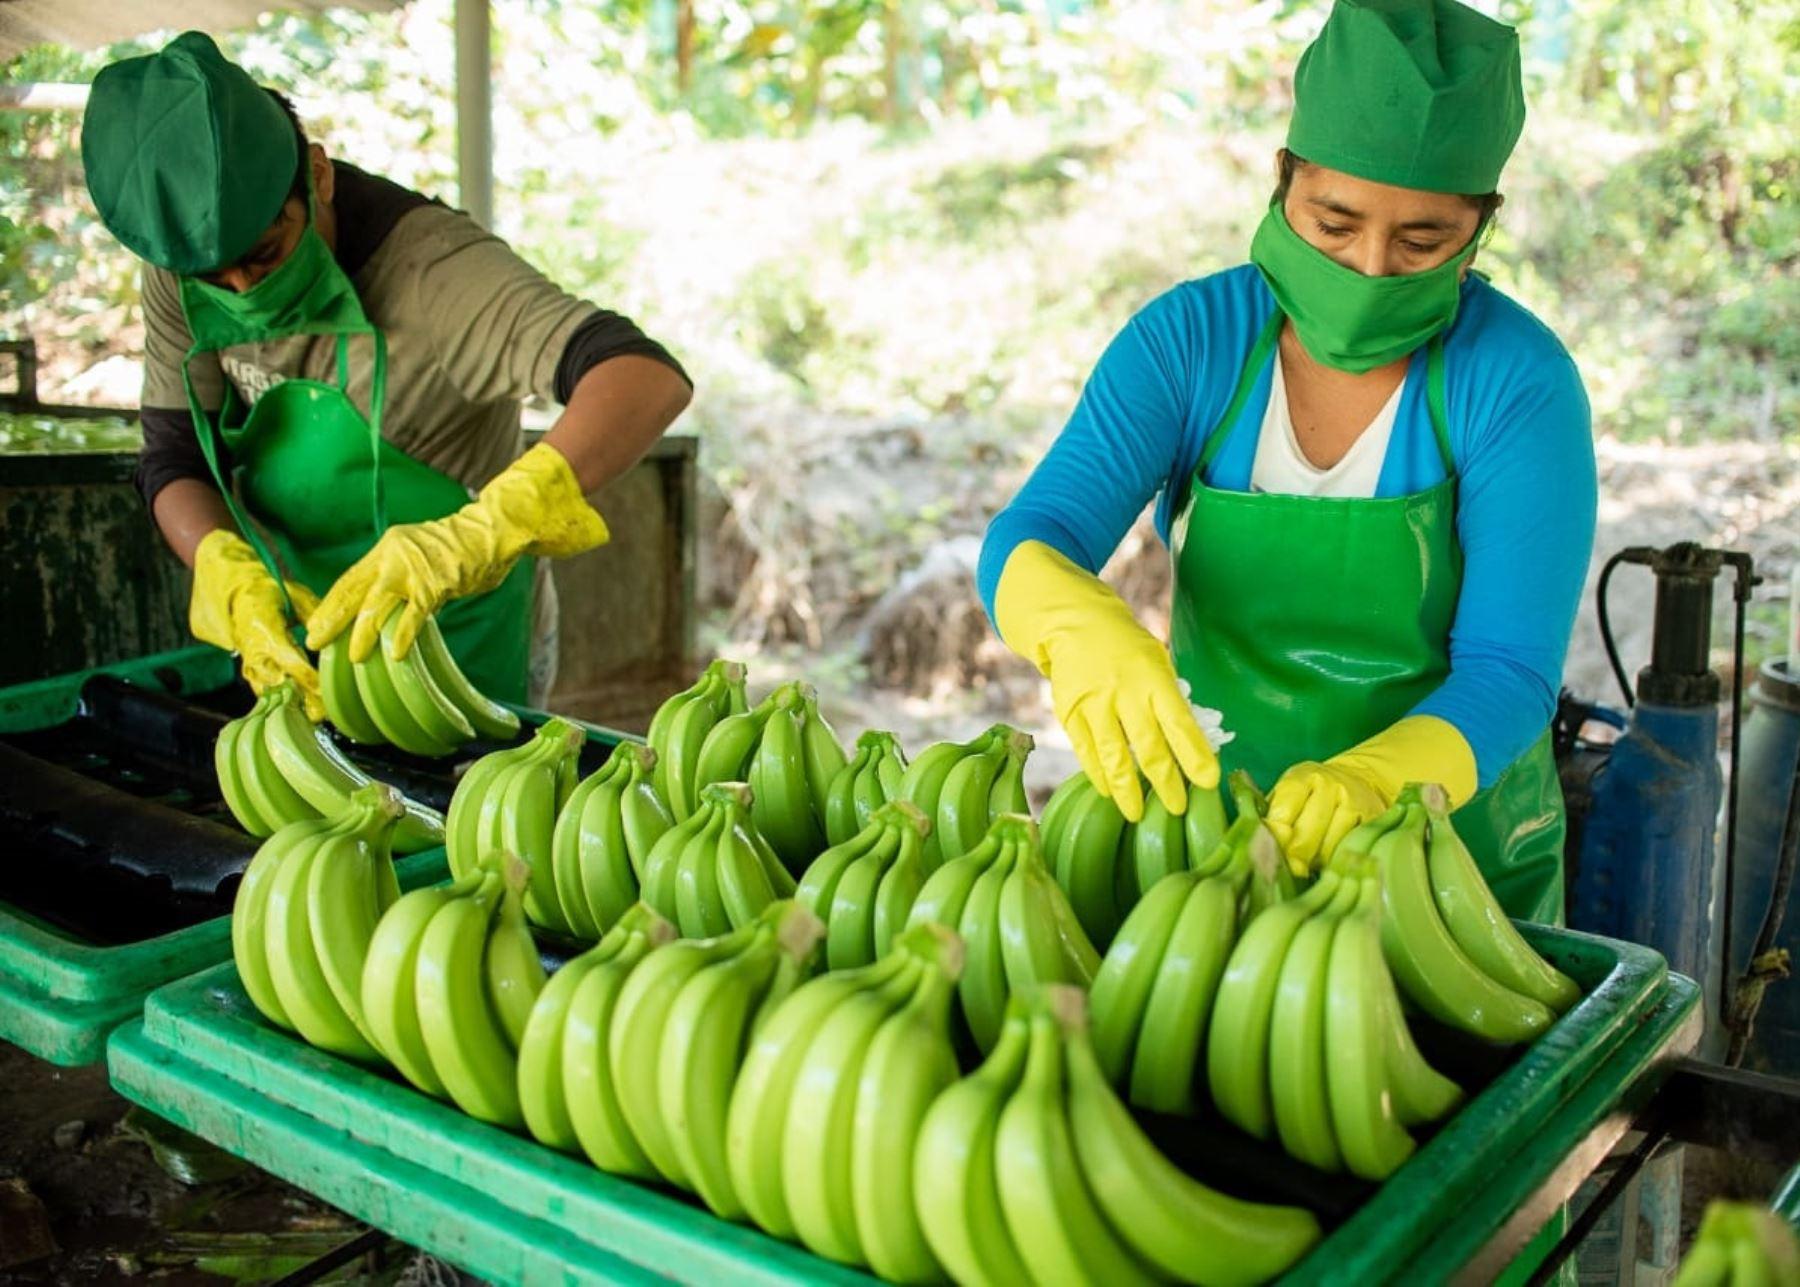 El cultivo de banano orgánico se ha convertido en el principal impulsor de la economía de los agricultores de la provincia de Sullana, en Piura.